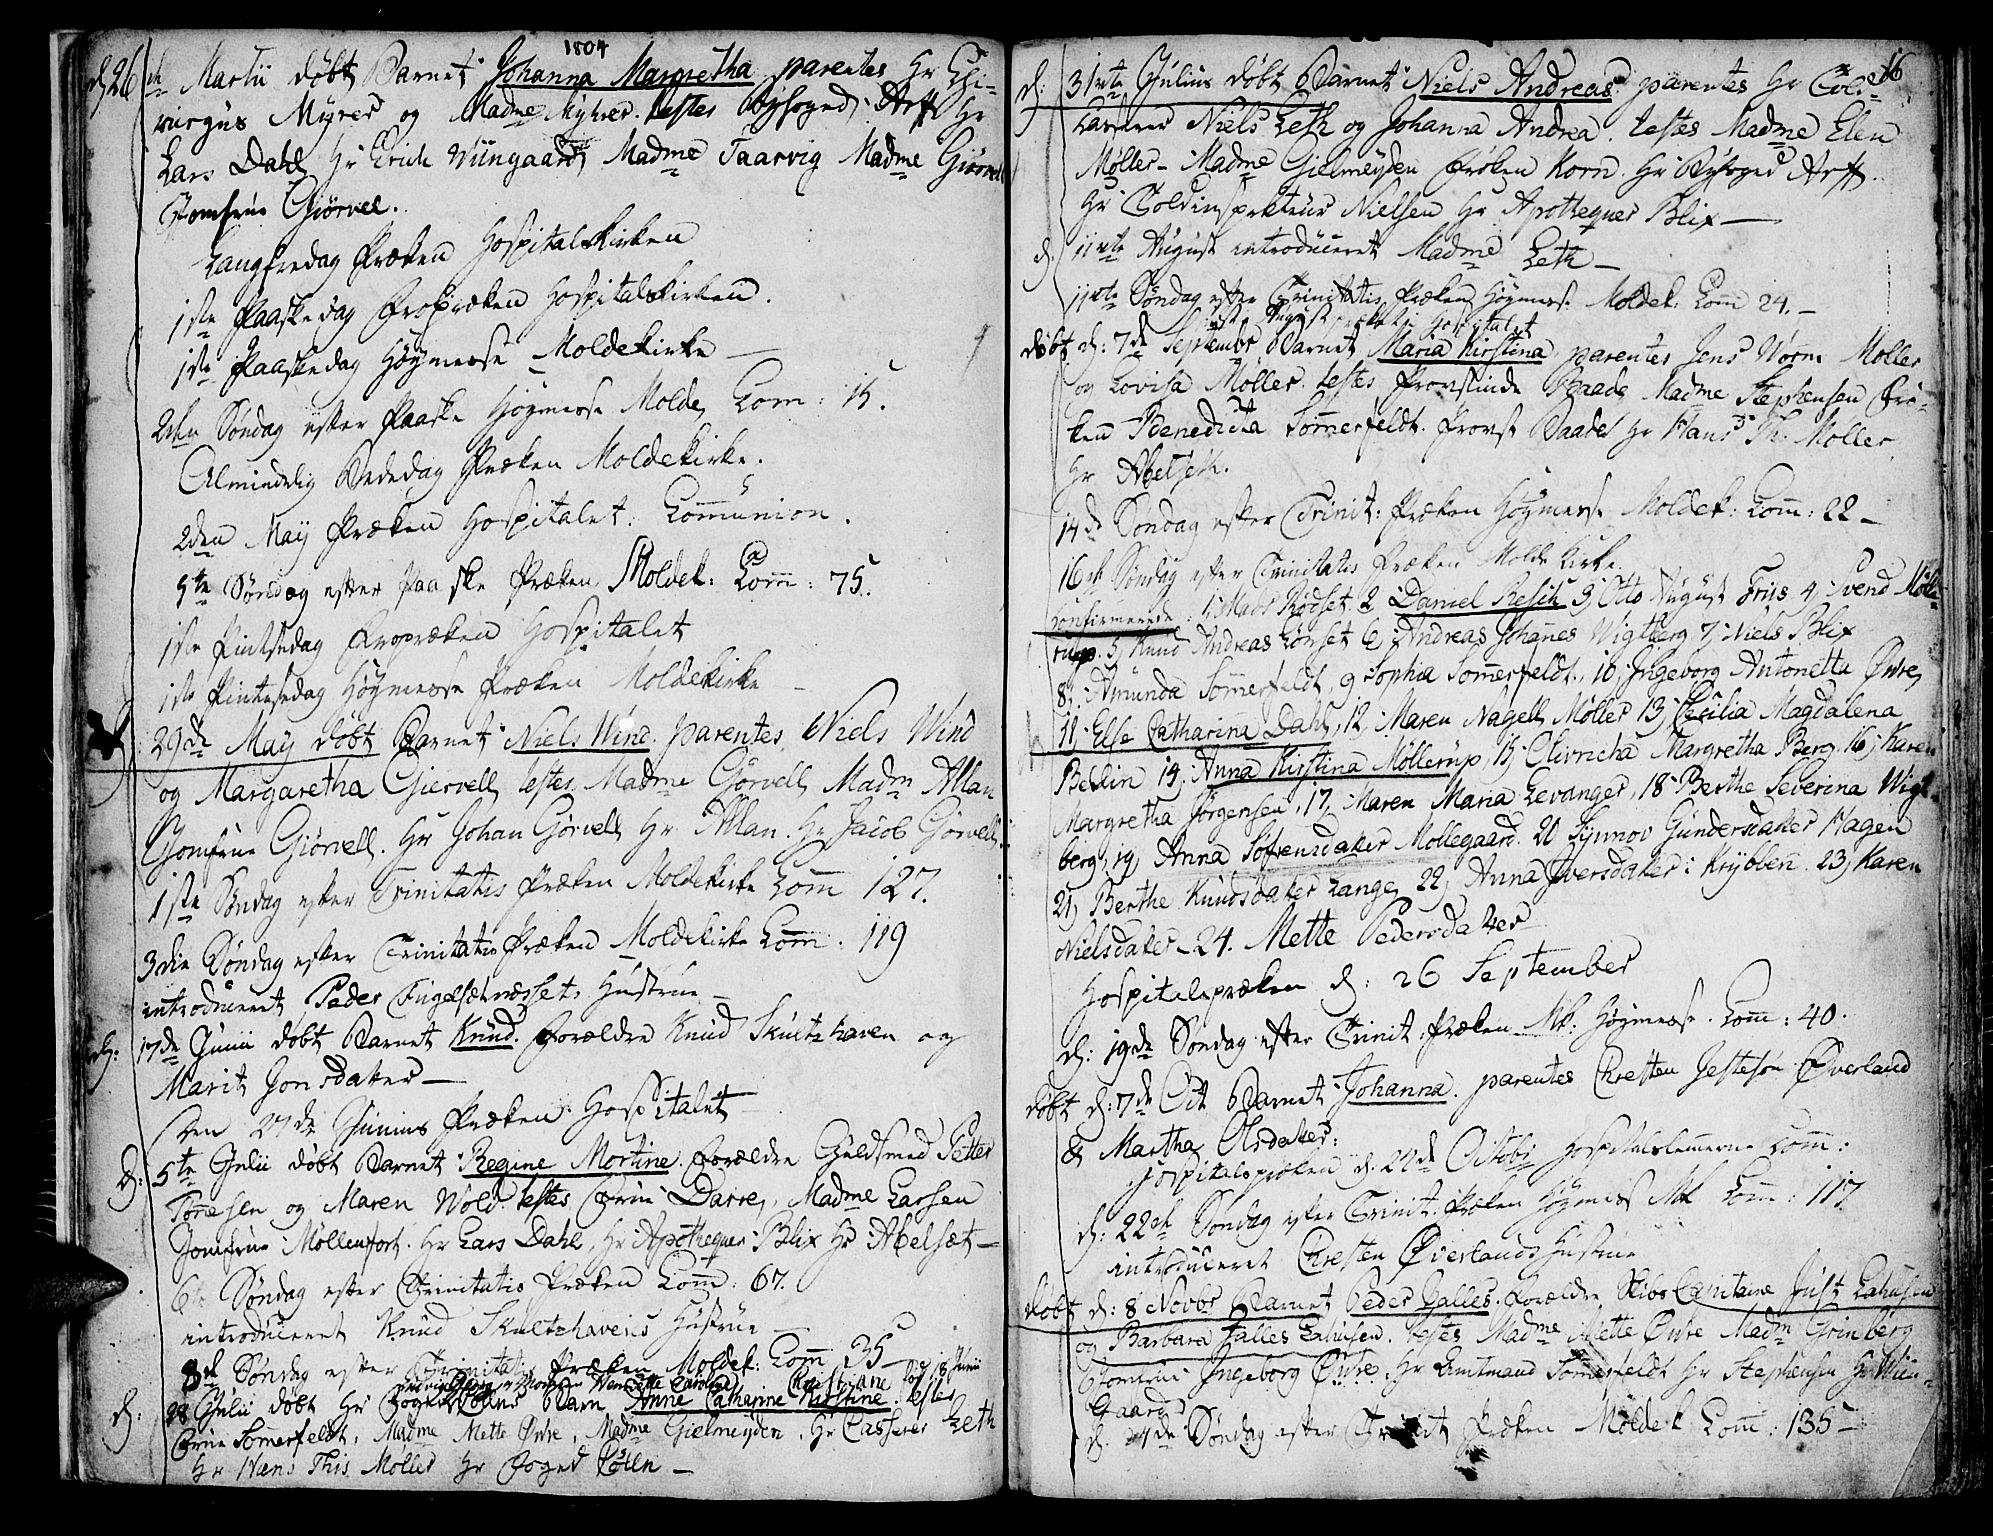 SAT, Ministerialprotokoller, klokkerbøker og fødselsregistre - Møre og Romsdal, 558/L0687: Ministerialbok nr. 558A01, 1798-1818, s. 16